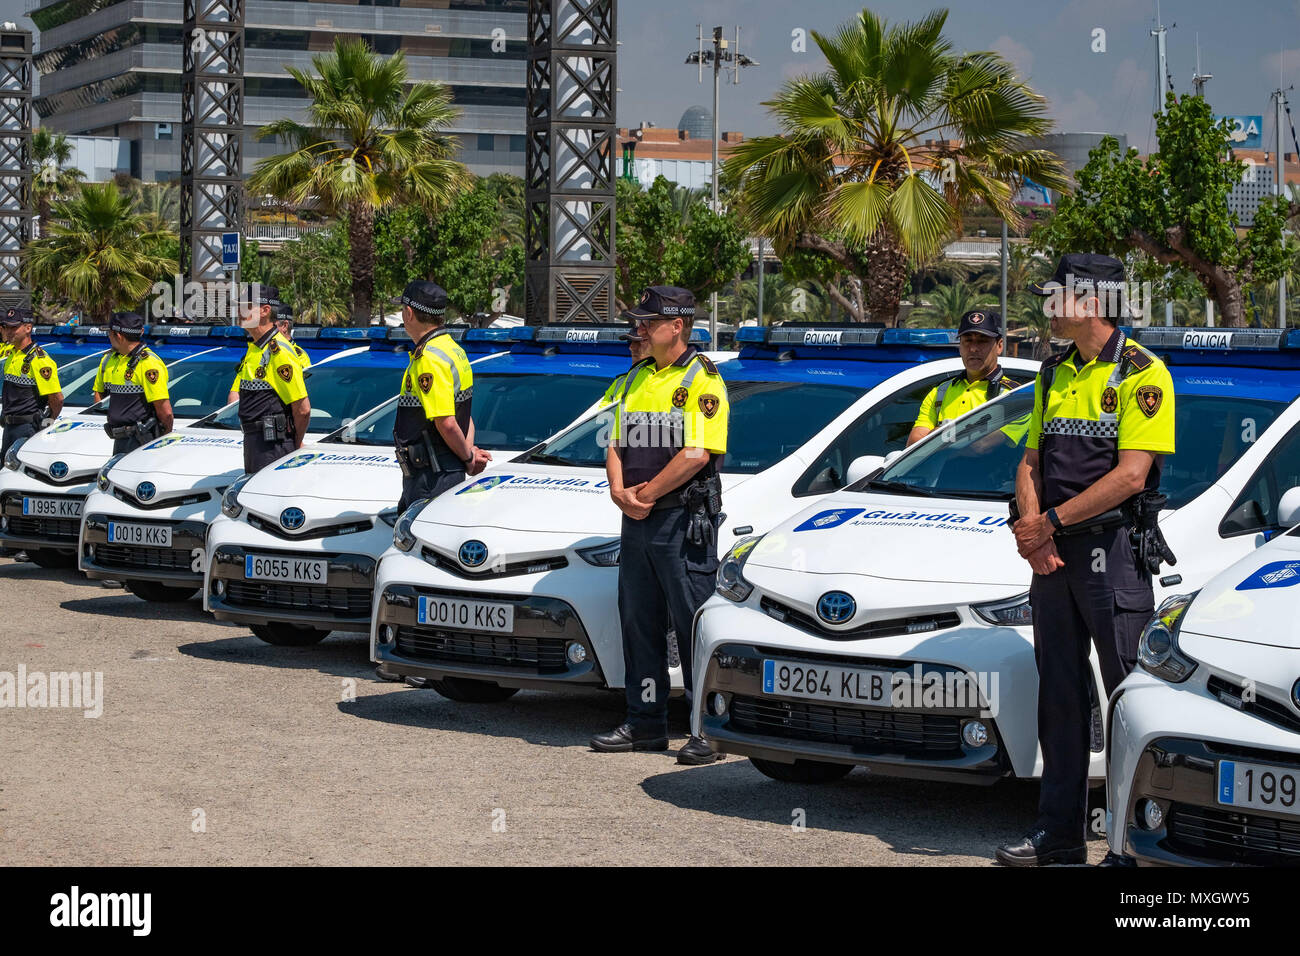 Barcellona, in Catalogna, Spagna. Il 4 giugno, 2018. I veicoli nuovi della guardia urbana di Barcellona hanno visto con i loro corpi di polizia. Con la presenza del Sindaco Ada Colau e la sicurezza il commissario Amadeu Recasens, la presentazione della pattuglia nuovo parco veicoli della Guardia Urbana de Barcelona La polizia ha avuto luogo. L'investimento è stato di 12,6 milioni di euro. I veicoli nuovi con un sistema ibrido consentono un risparmio di combustibile di 608 euro per veicolo e per anno. Queste nuove auto sono dotate di nuove tecnologie di comunicazione e le telecamere con riconoscimento targhe. Allo stesso modo, tutti i veicoli sono equipaggiati con un de Immagini Stock